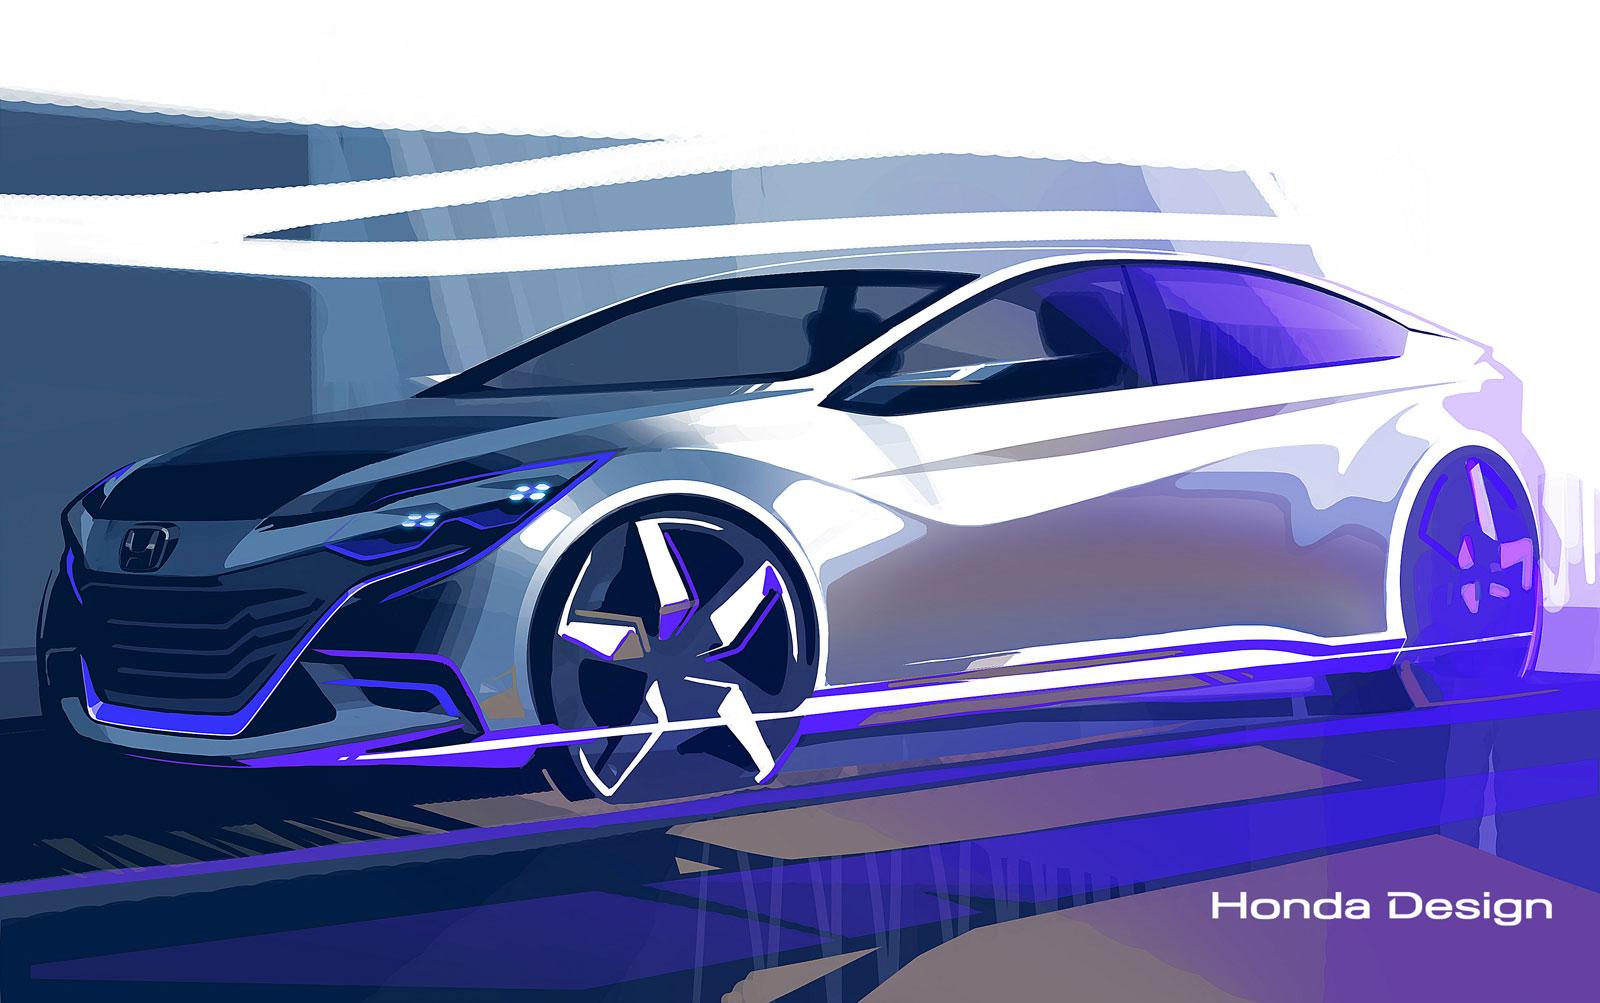 2014 honda concept b concepts for Future honda cars